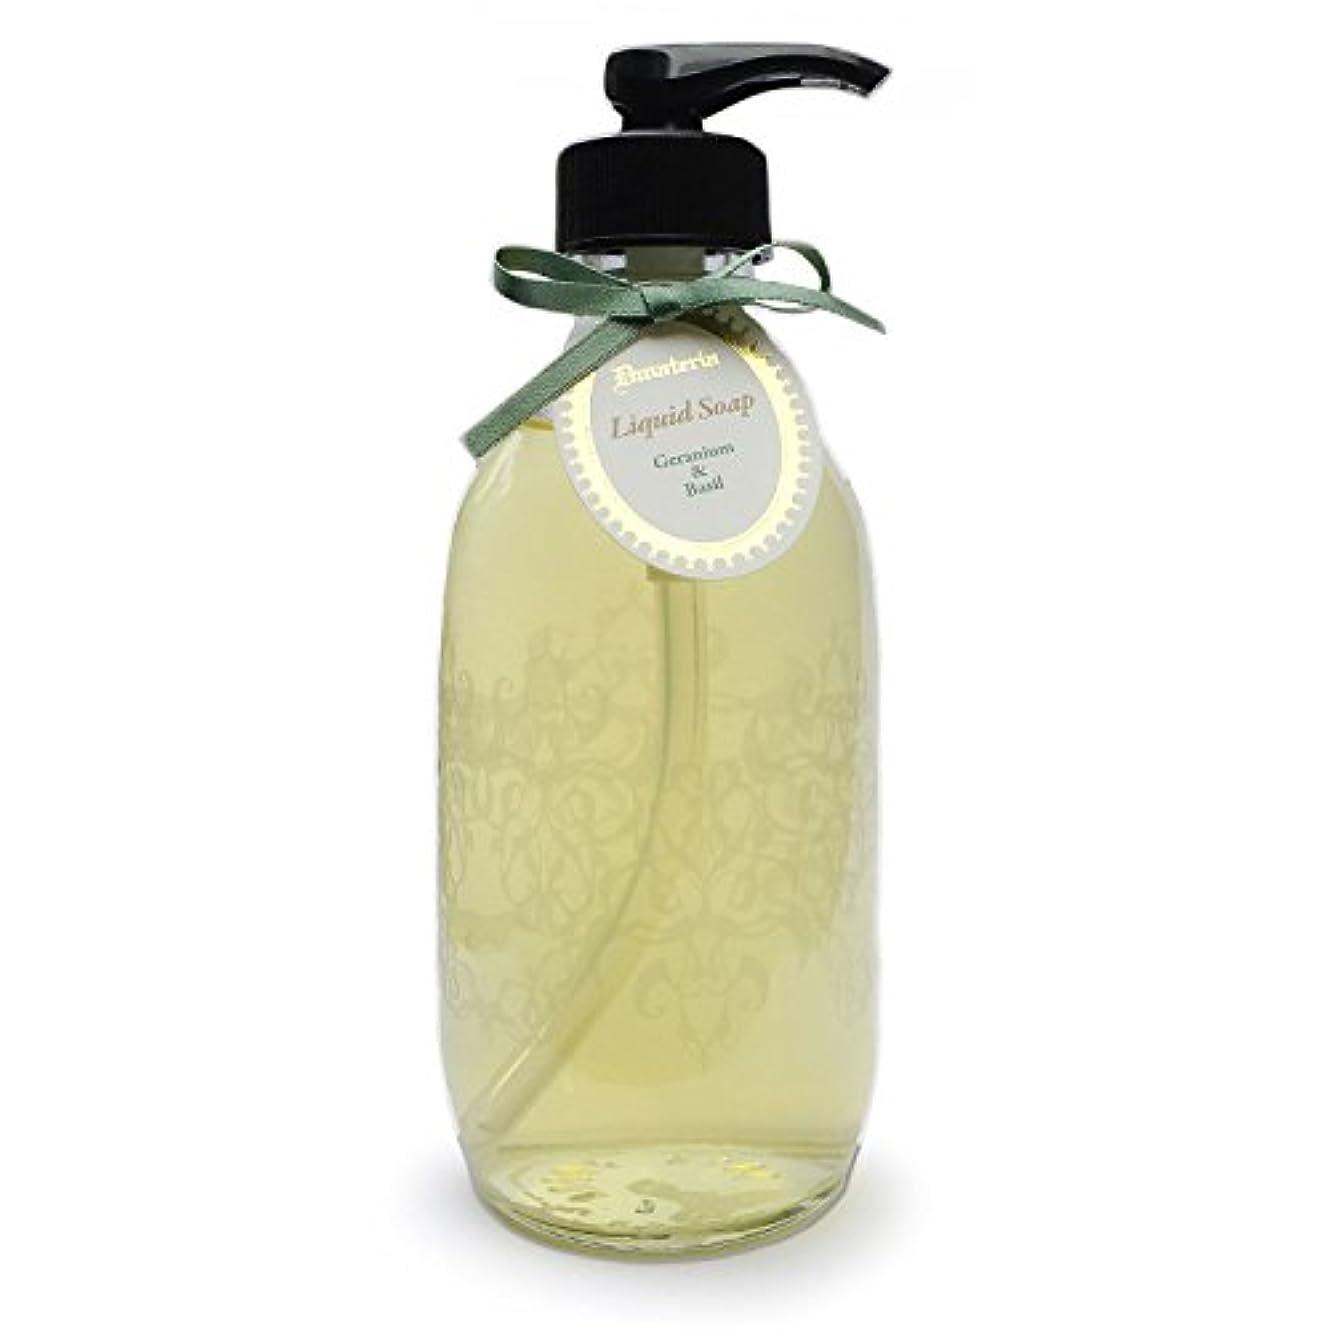 驚いたことに対大胆なD materia リキッドソープ ゼラニウム&バジル Geranium&Basil Liquid Soap ディーマテリア